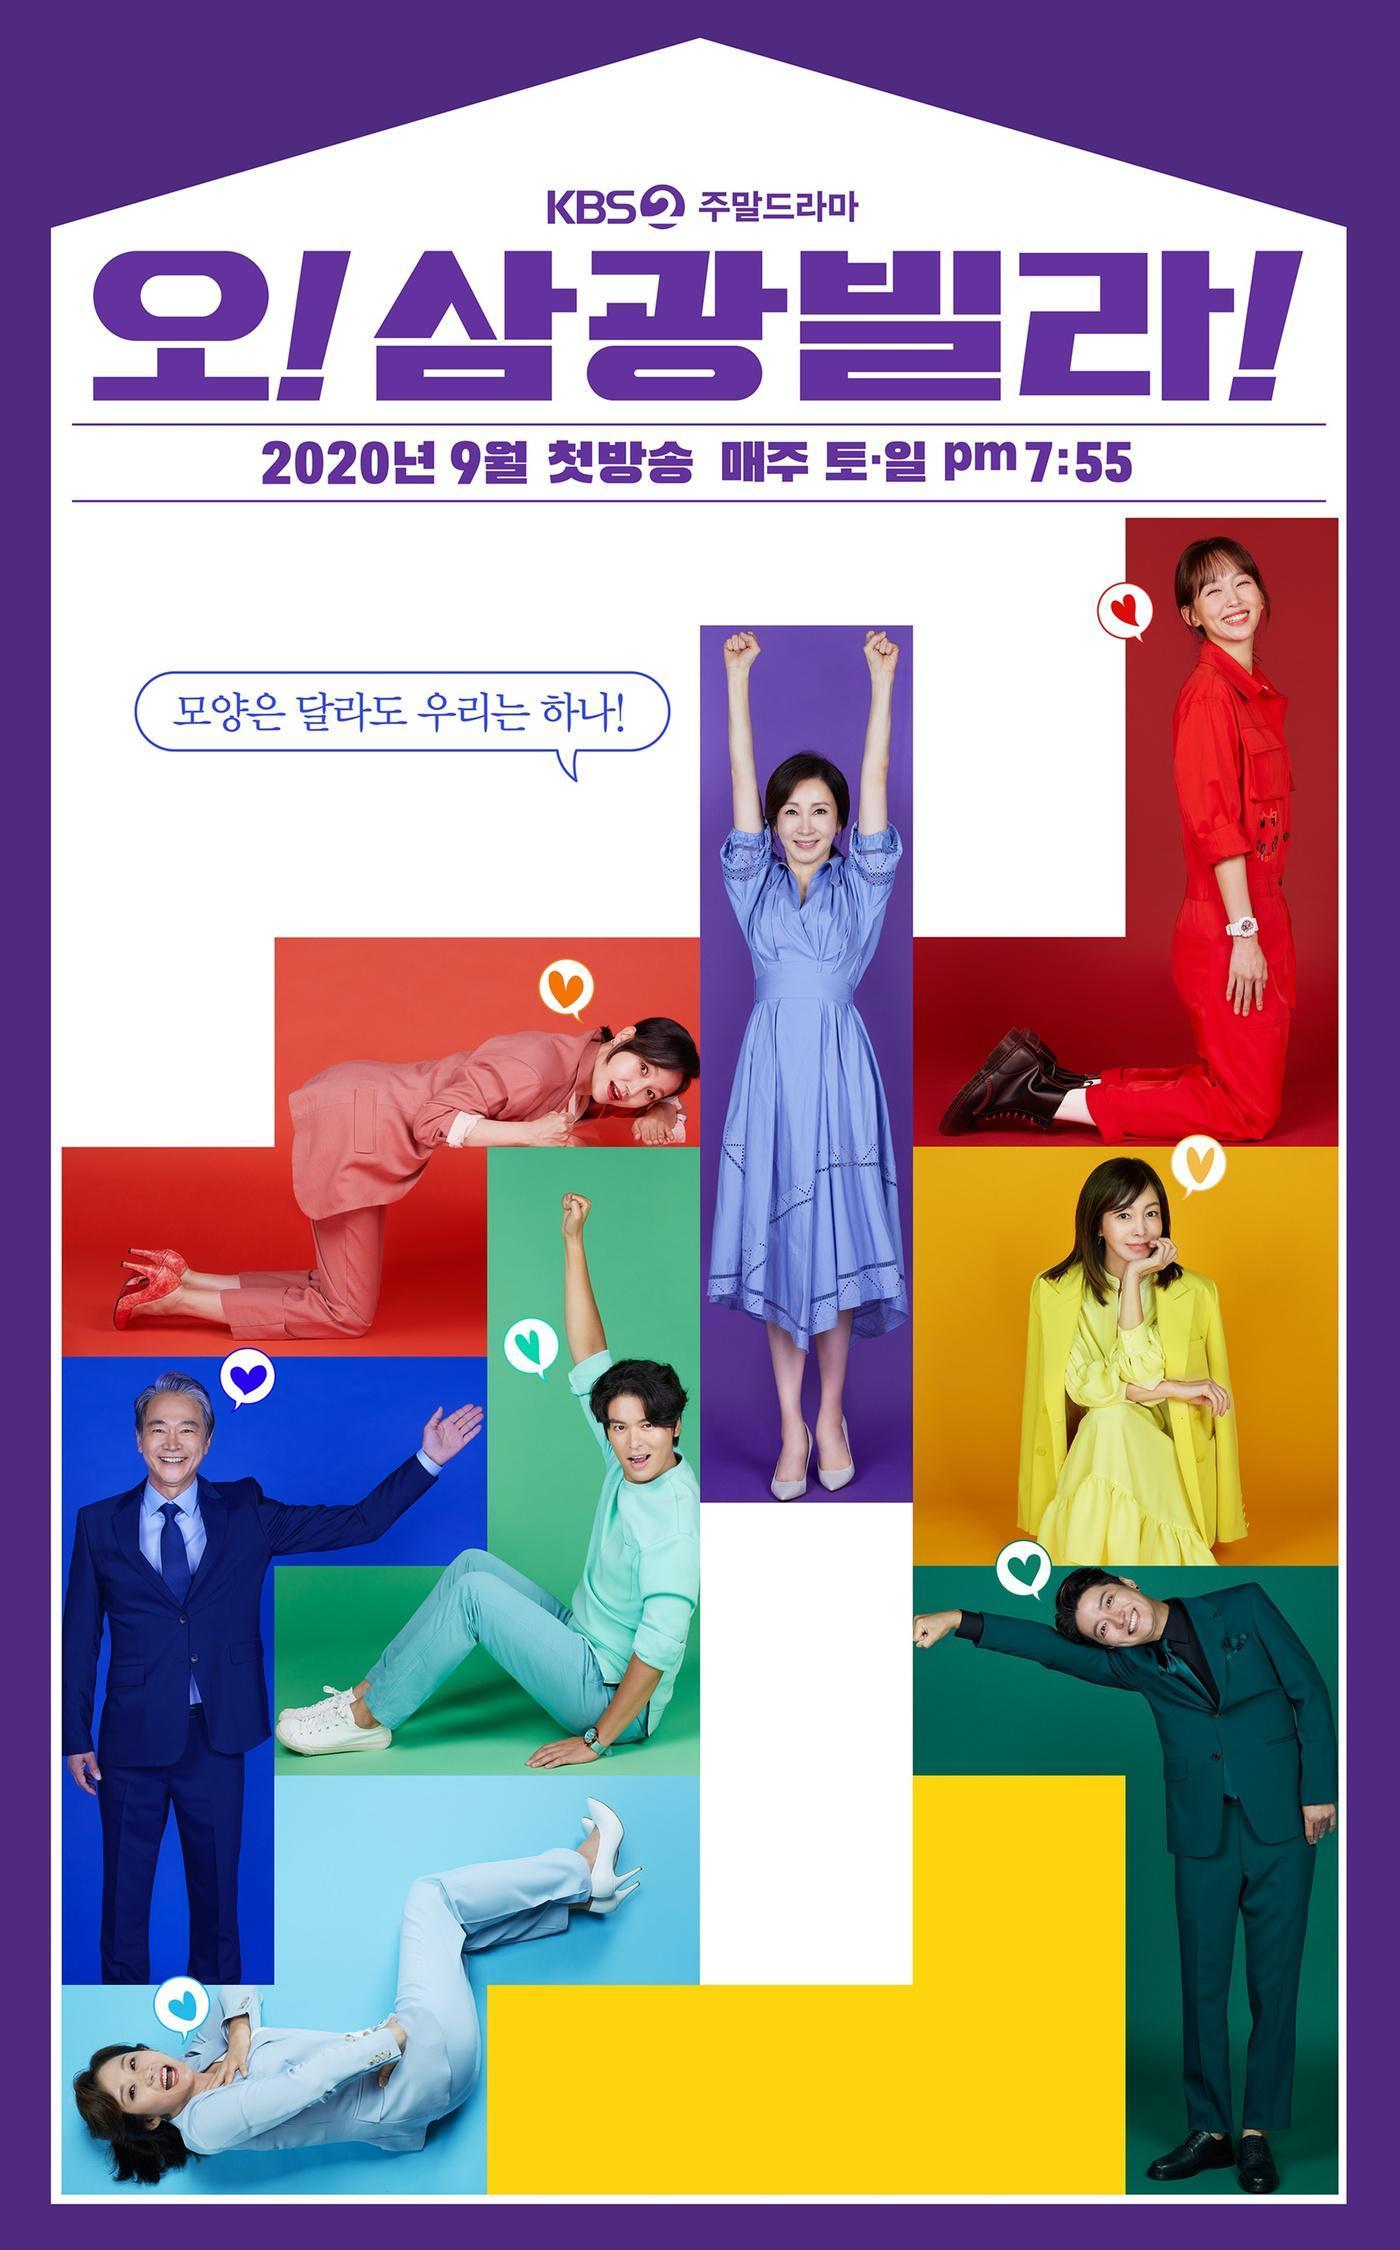 2021年1月话题度最高的韩剧TOP10,这部狗血神剧人气碾压其他剧!插图4